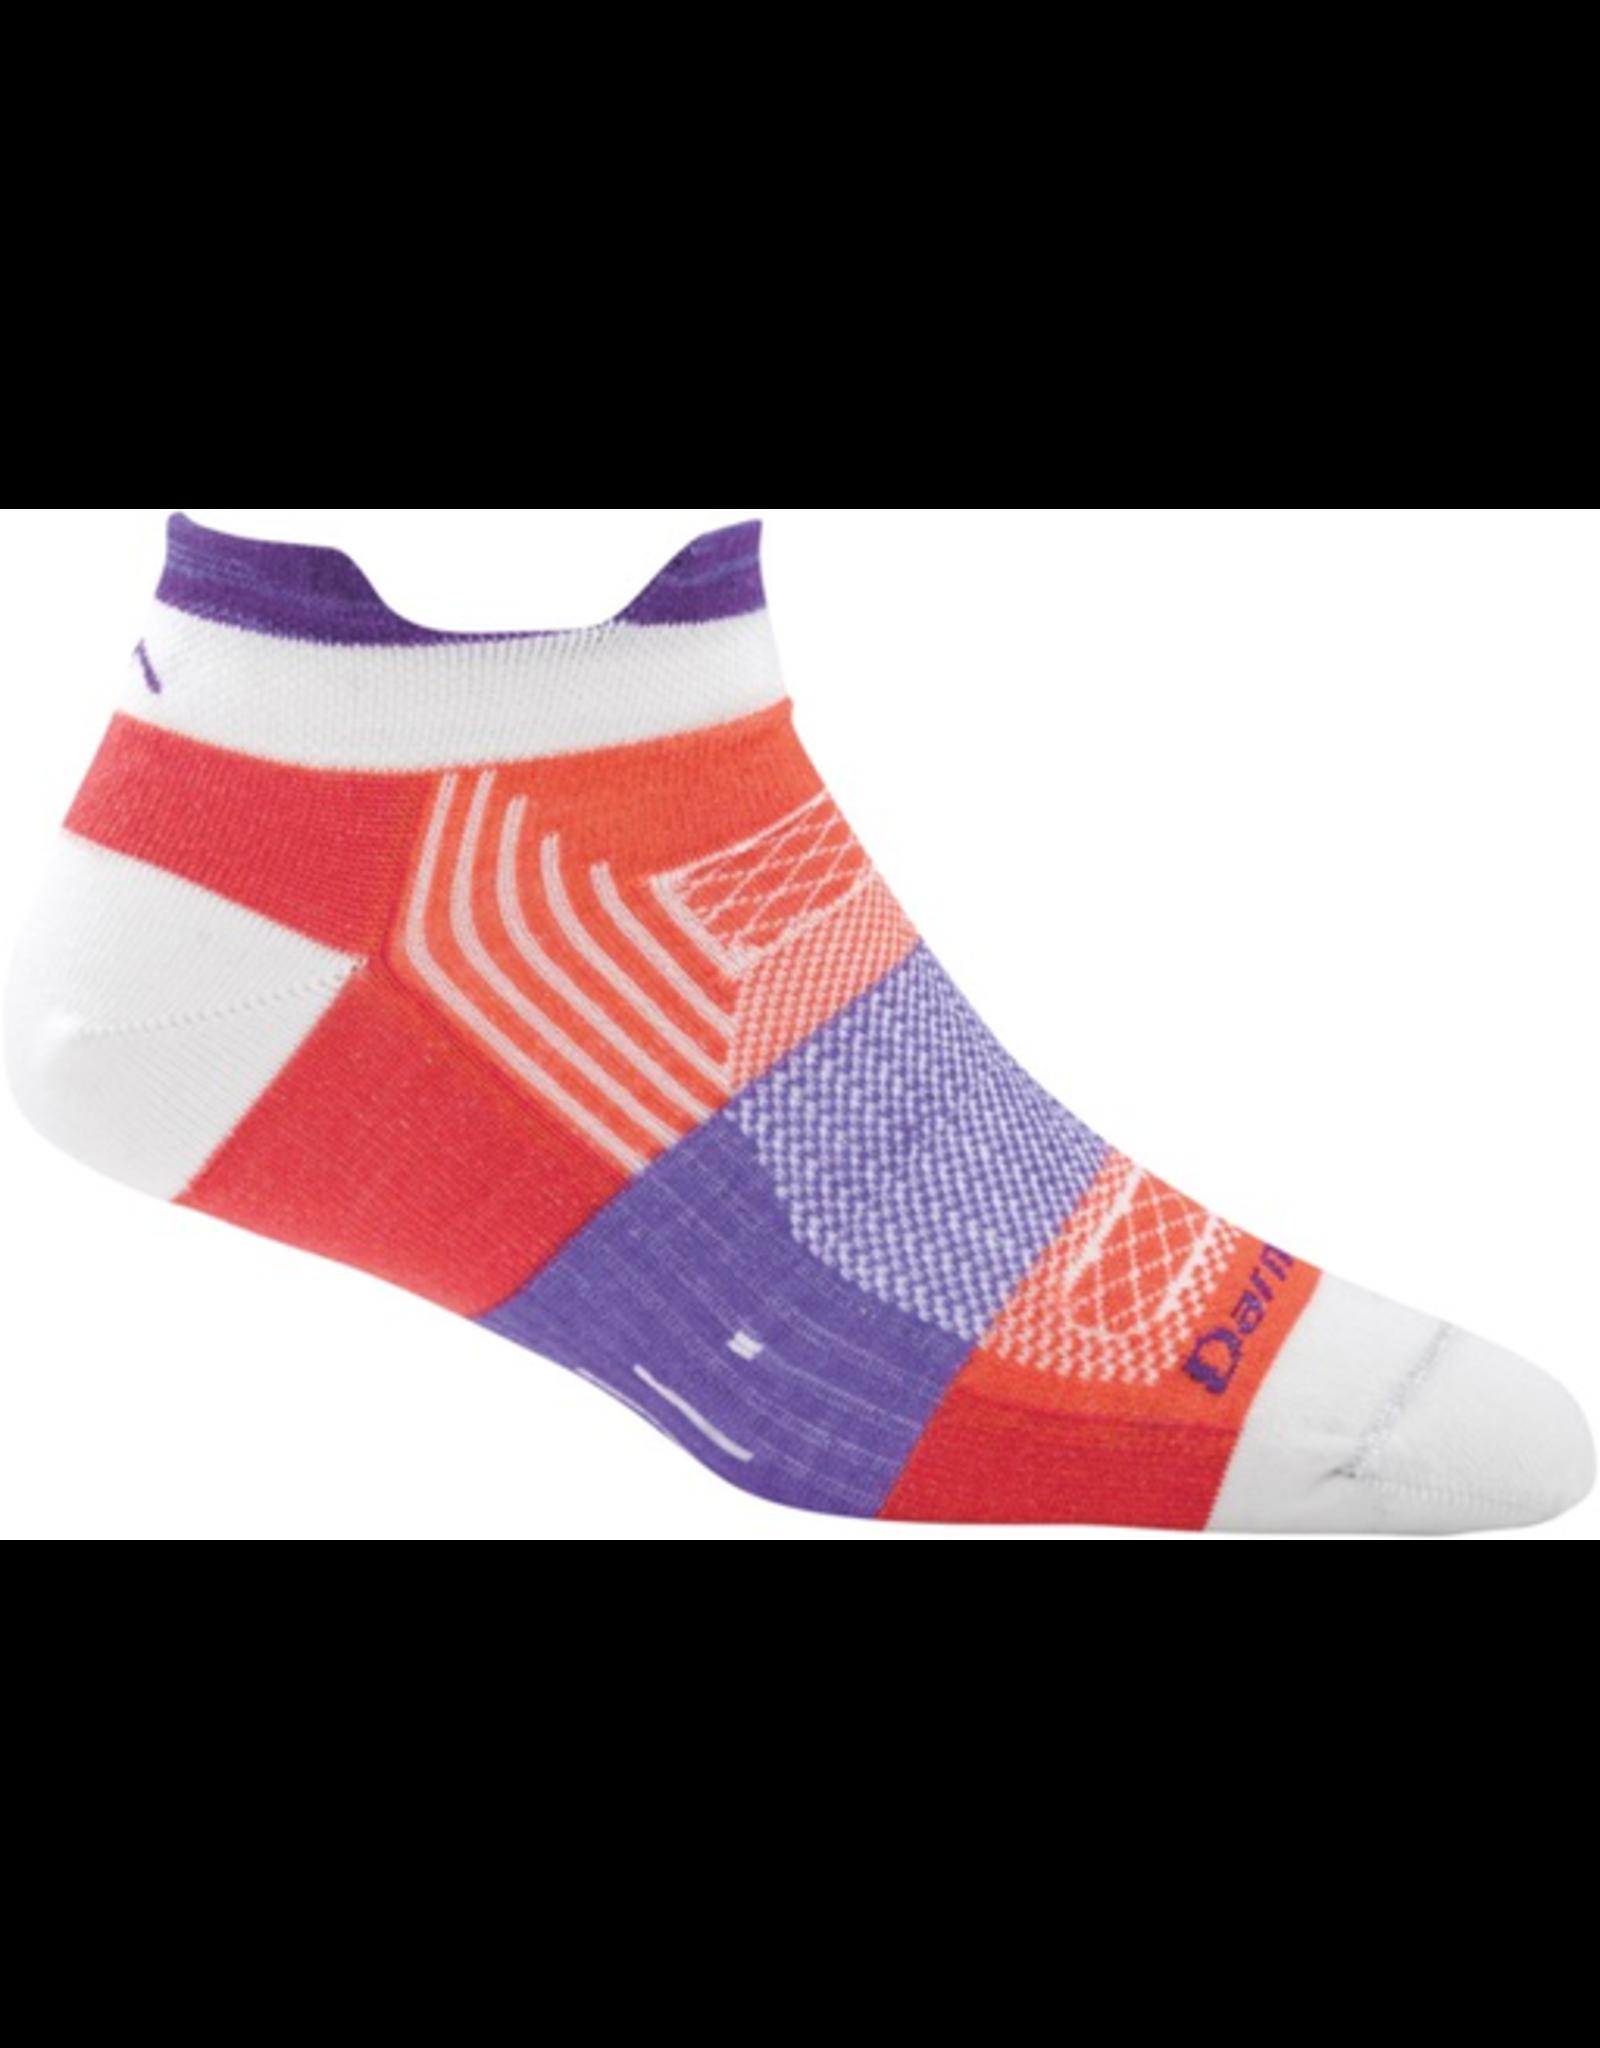 Darn Tough Darn Tough Women's Pulse No Show Tab Light Cushion Sock